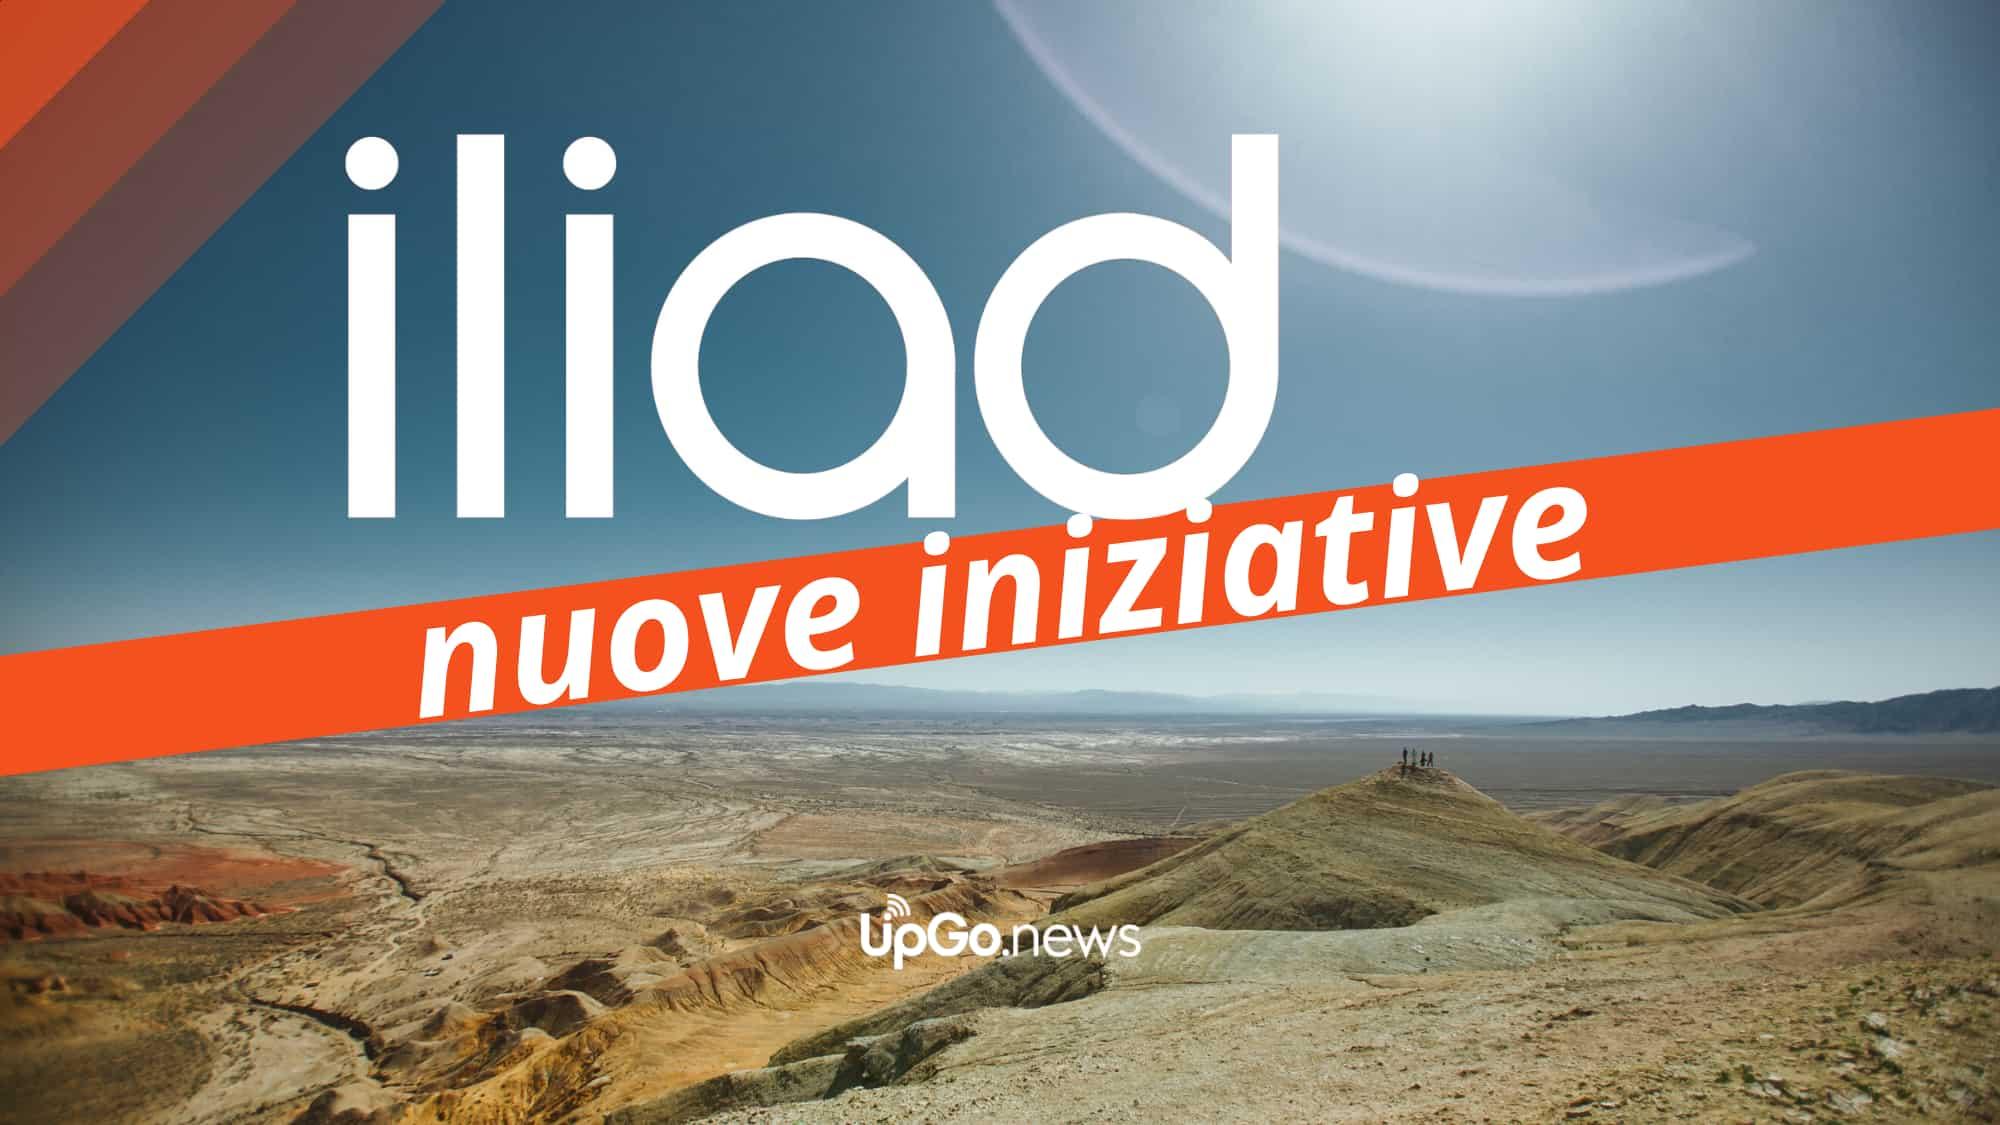 Iliad nuove iniziative